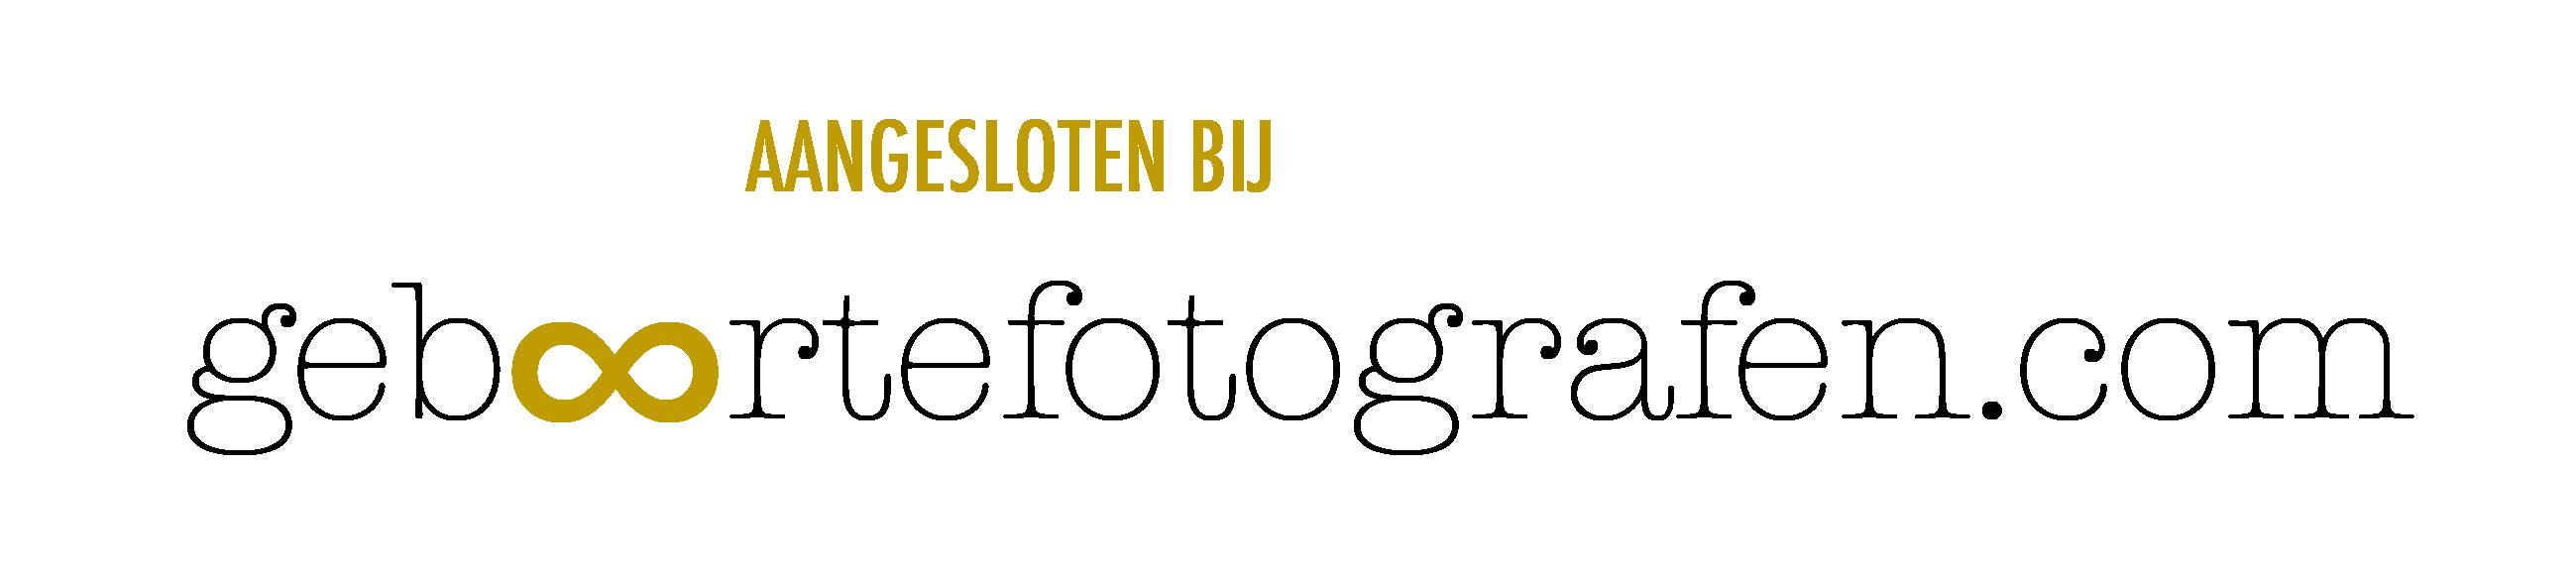 aangesloten bij geboortefotografen vakgroep logo